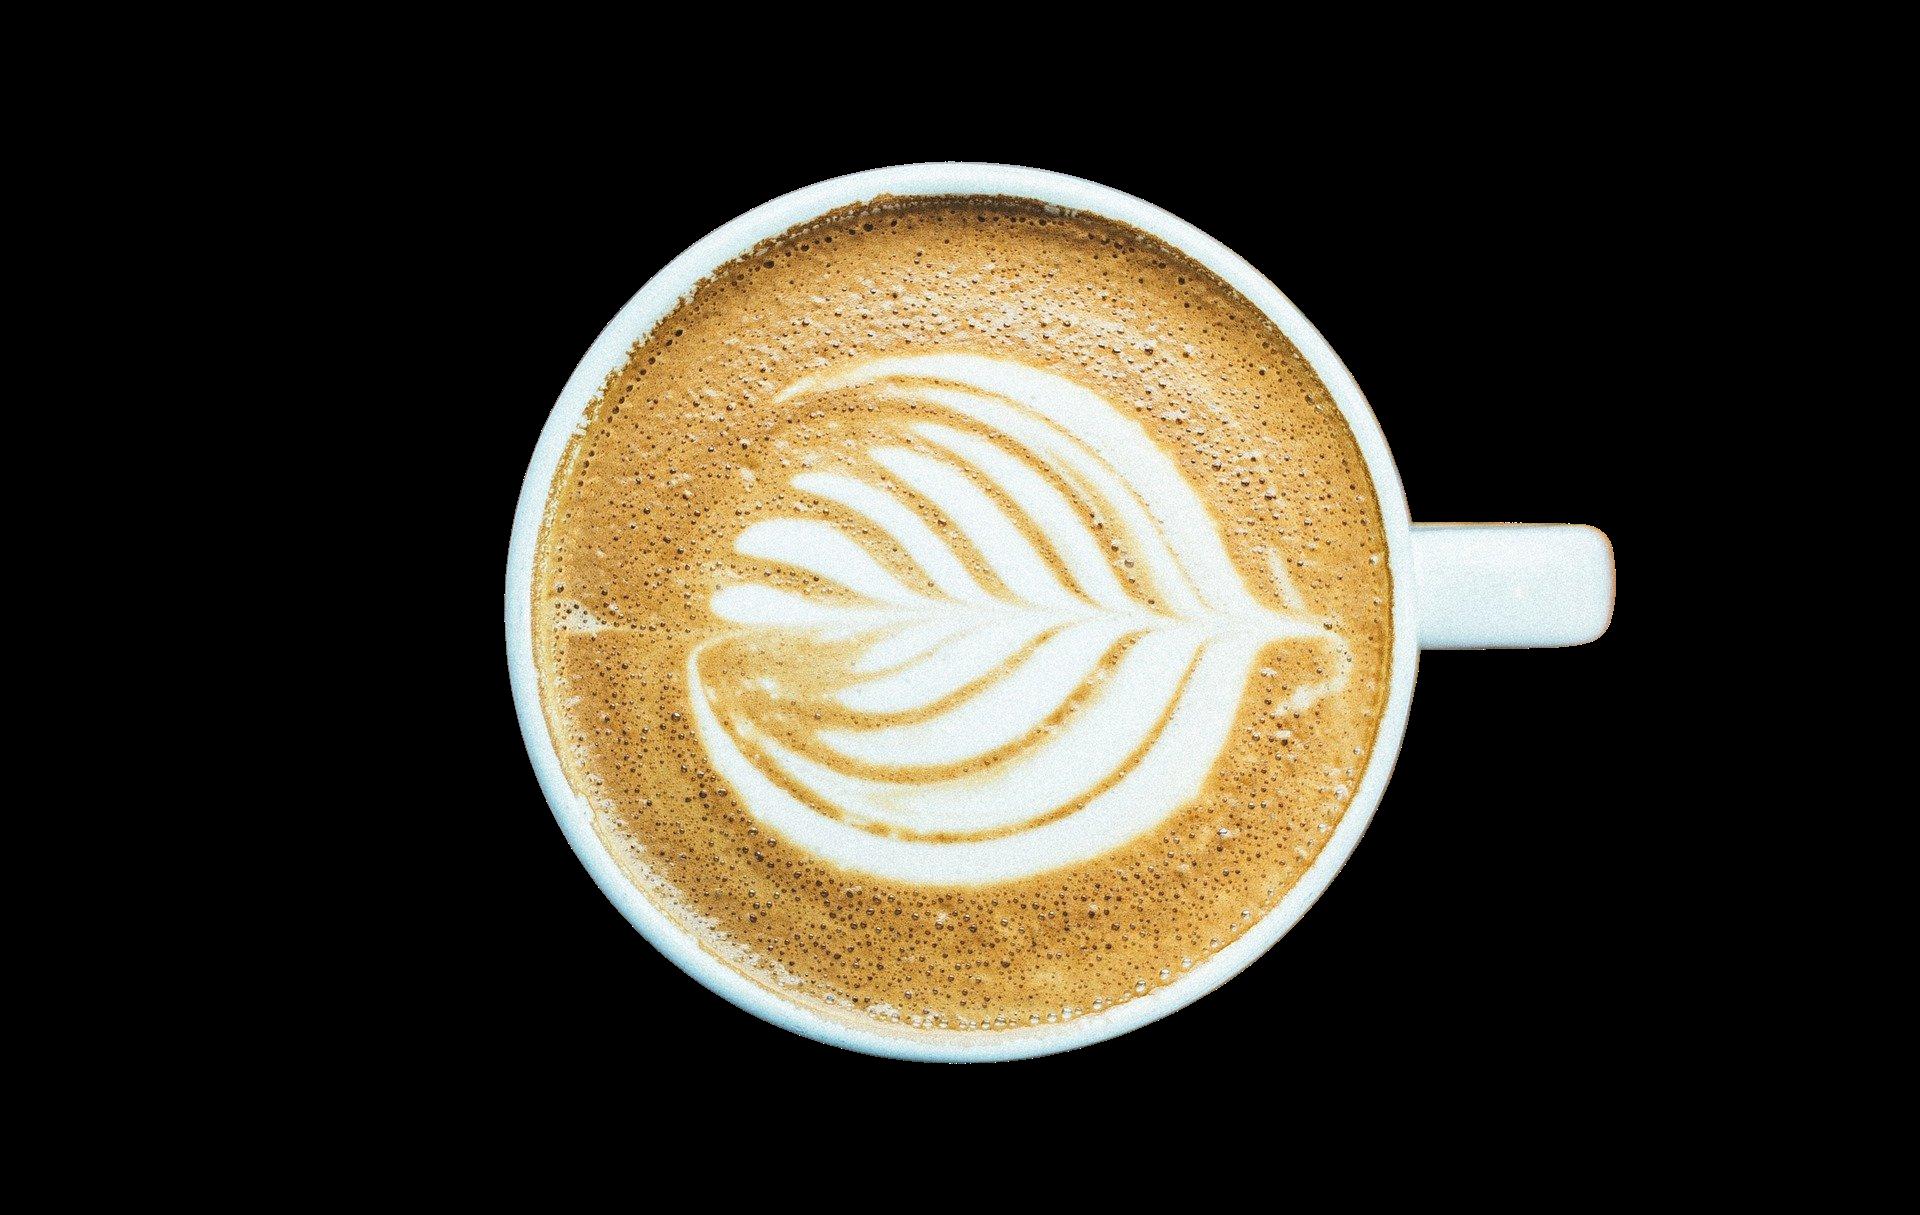 Perfekte Crema und Latte Art mit Kaffee von Camanoo